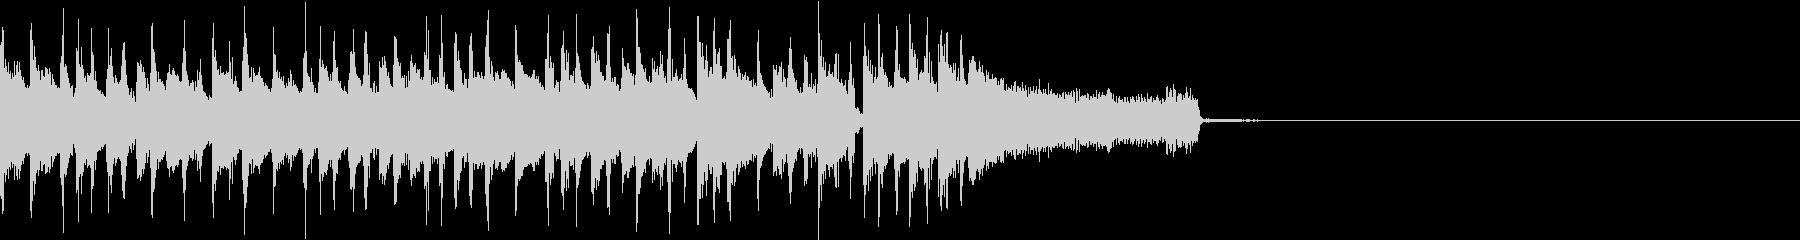 定番のロック・ブルースなジングルの未再生の波形